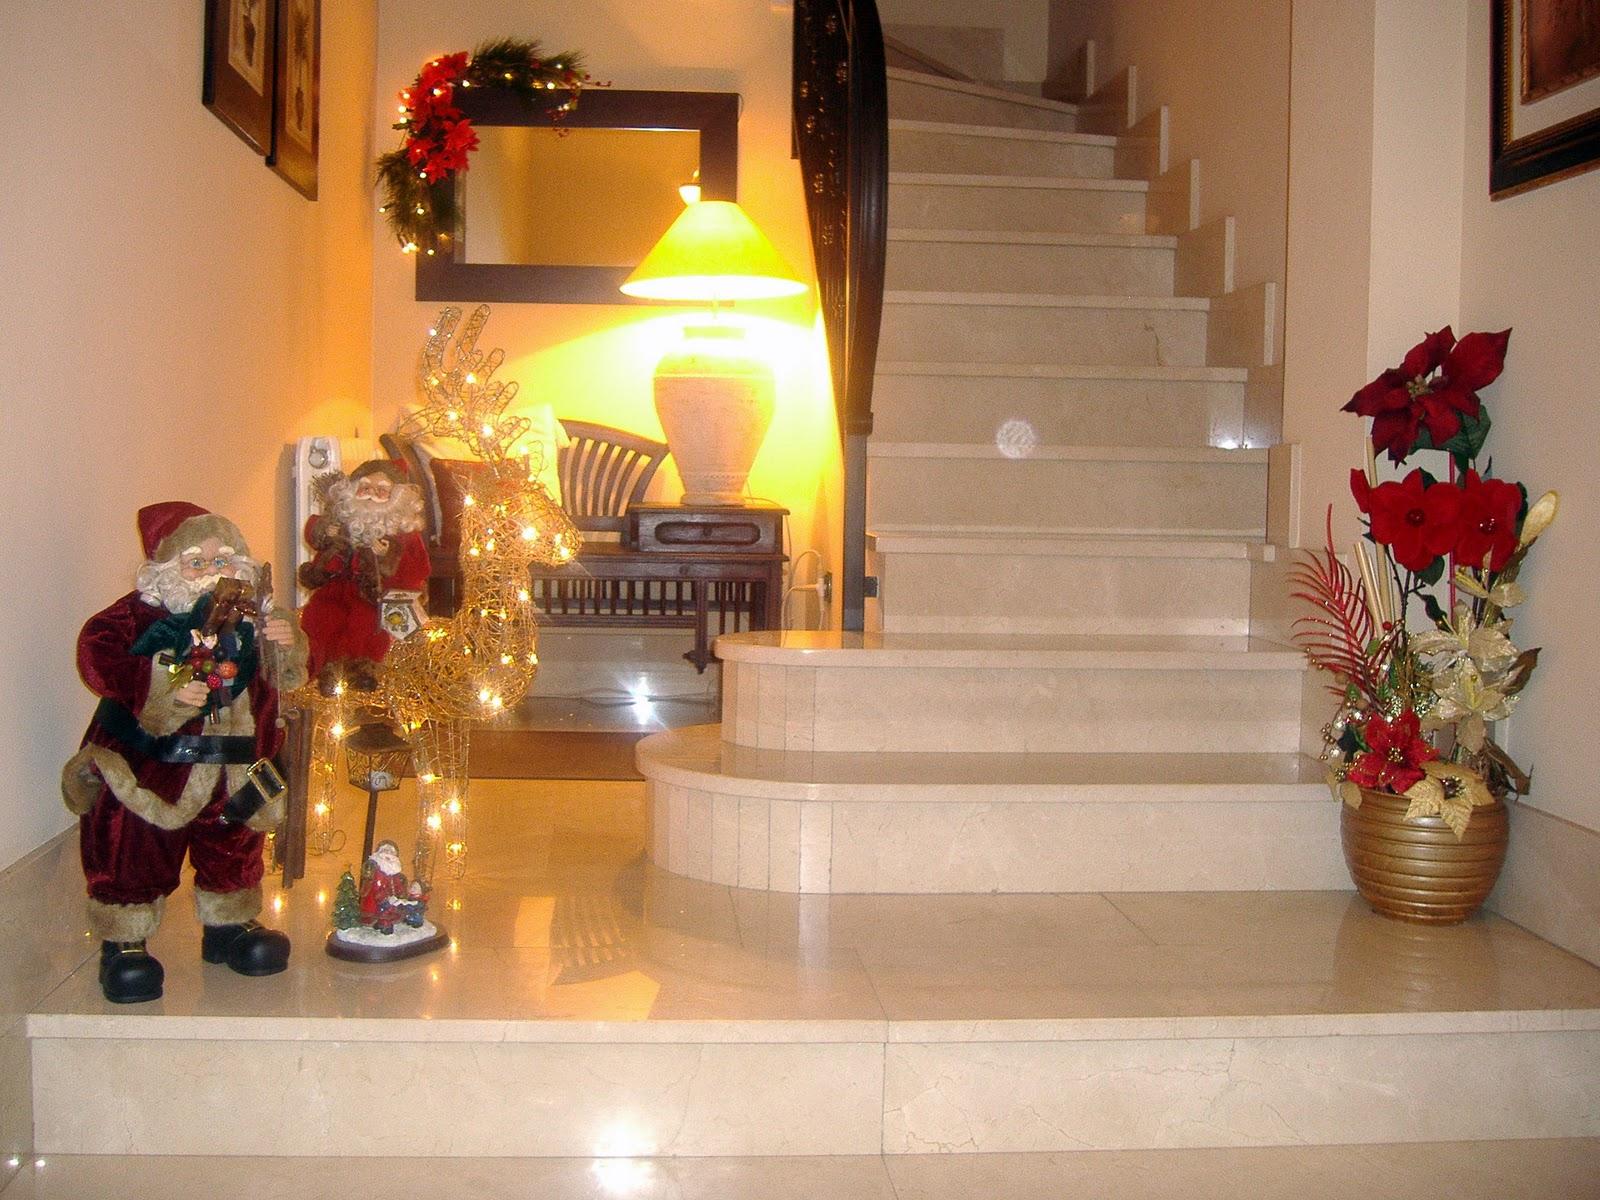 Decorar navidad decorar la casa en navidad - Decorar en navidad la casa ...